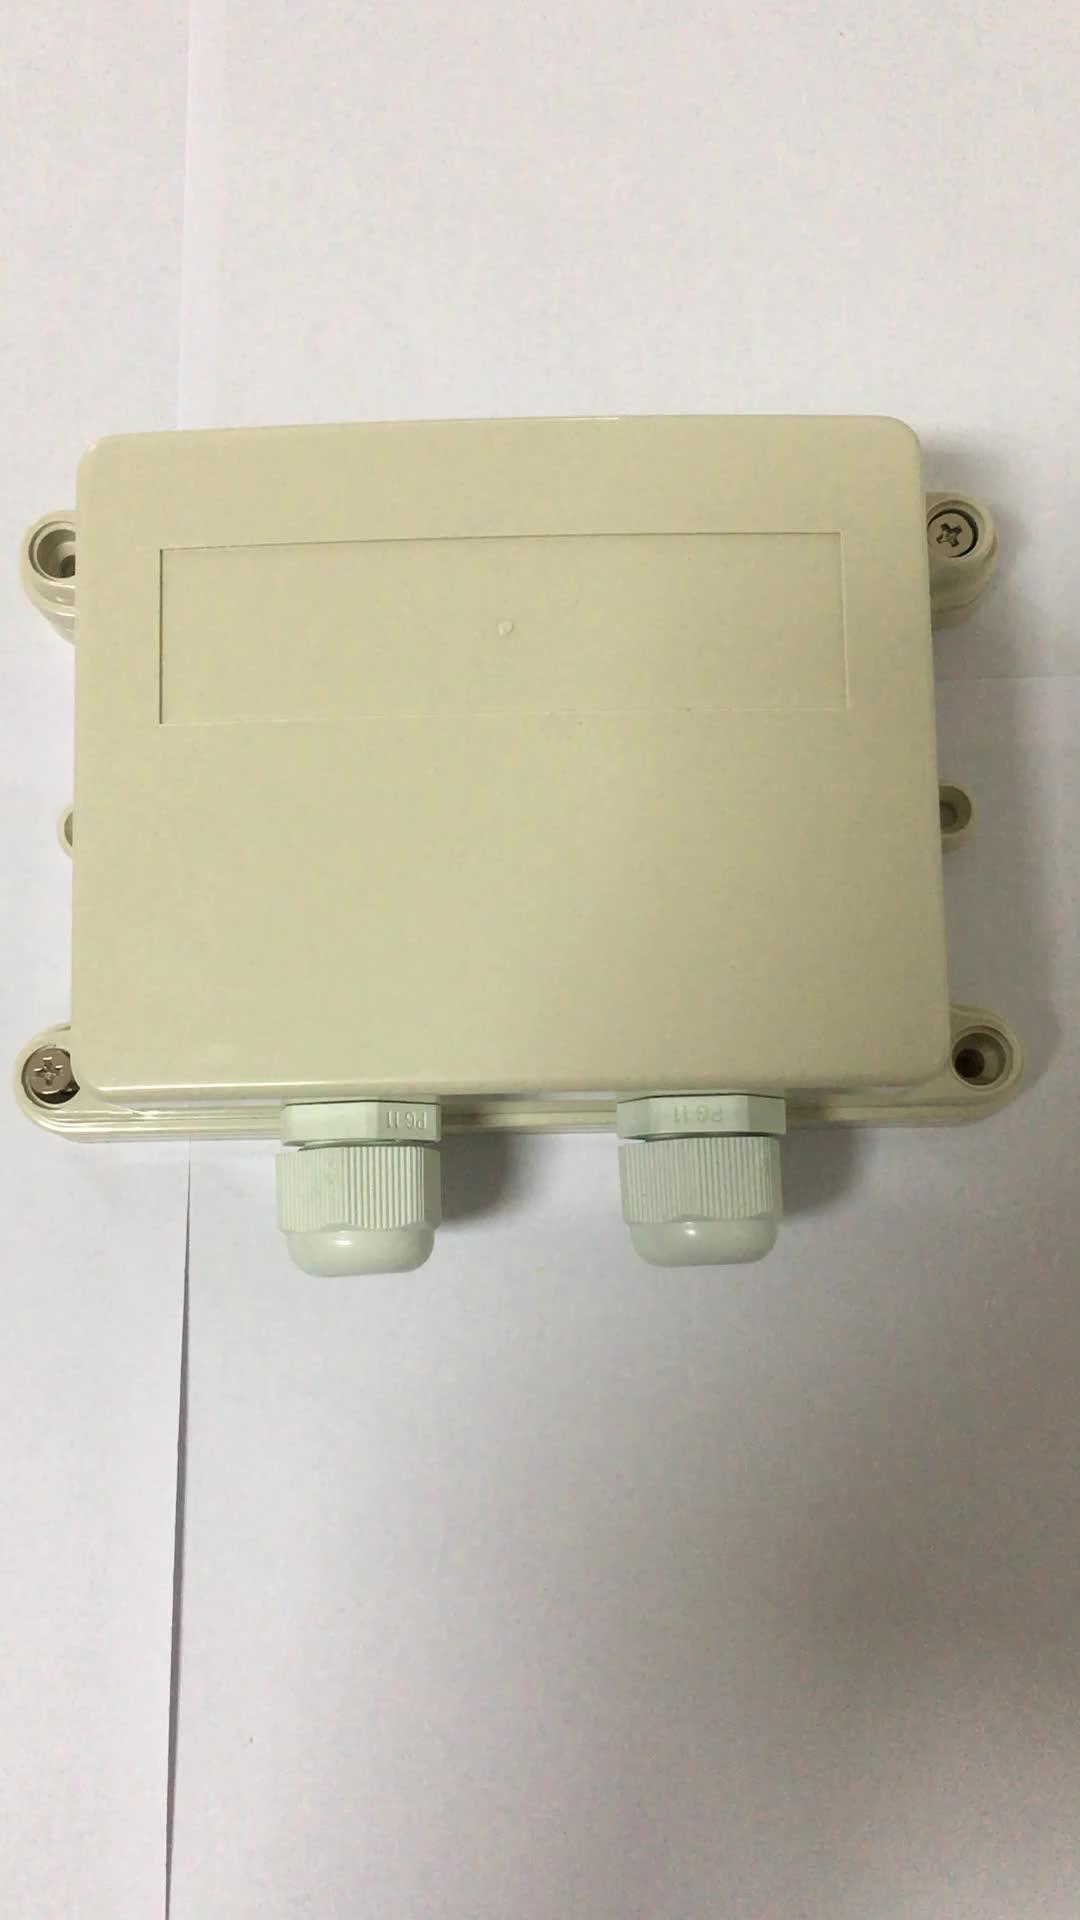 Adjustable Waterproof Door Opener With Dual Remote Control